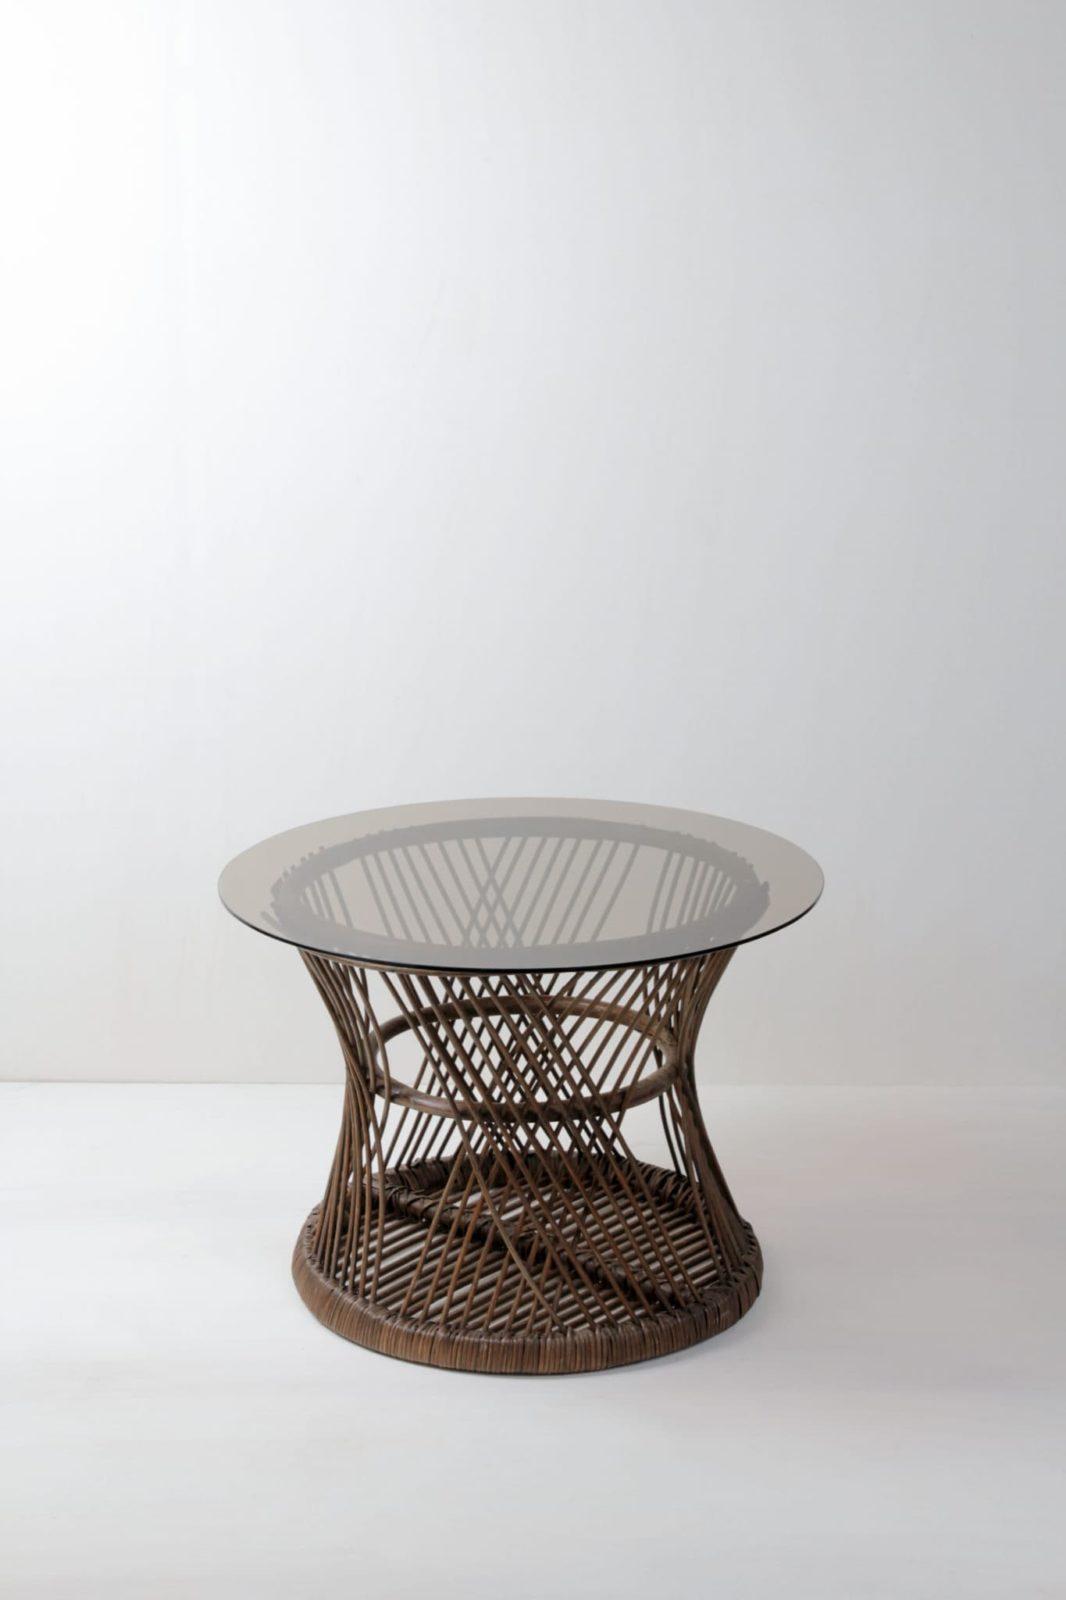 Korb Beistelltisch Nestor | Kleiner vintage Korbtisch mit einer Tischplatte aus Glas. | gotvintage Rental & Event Design